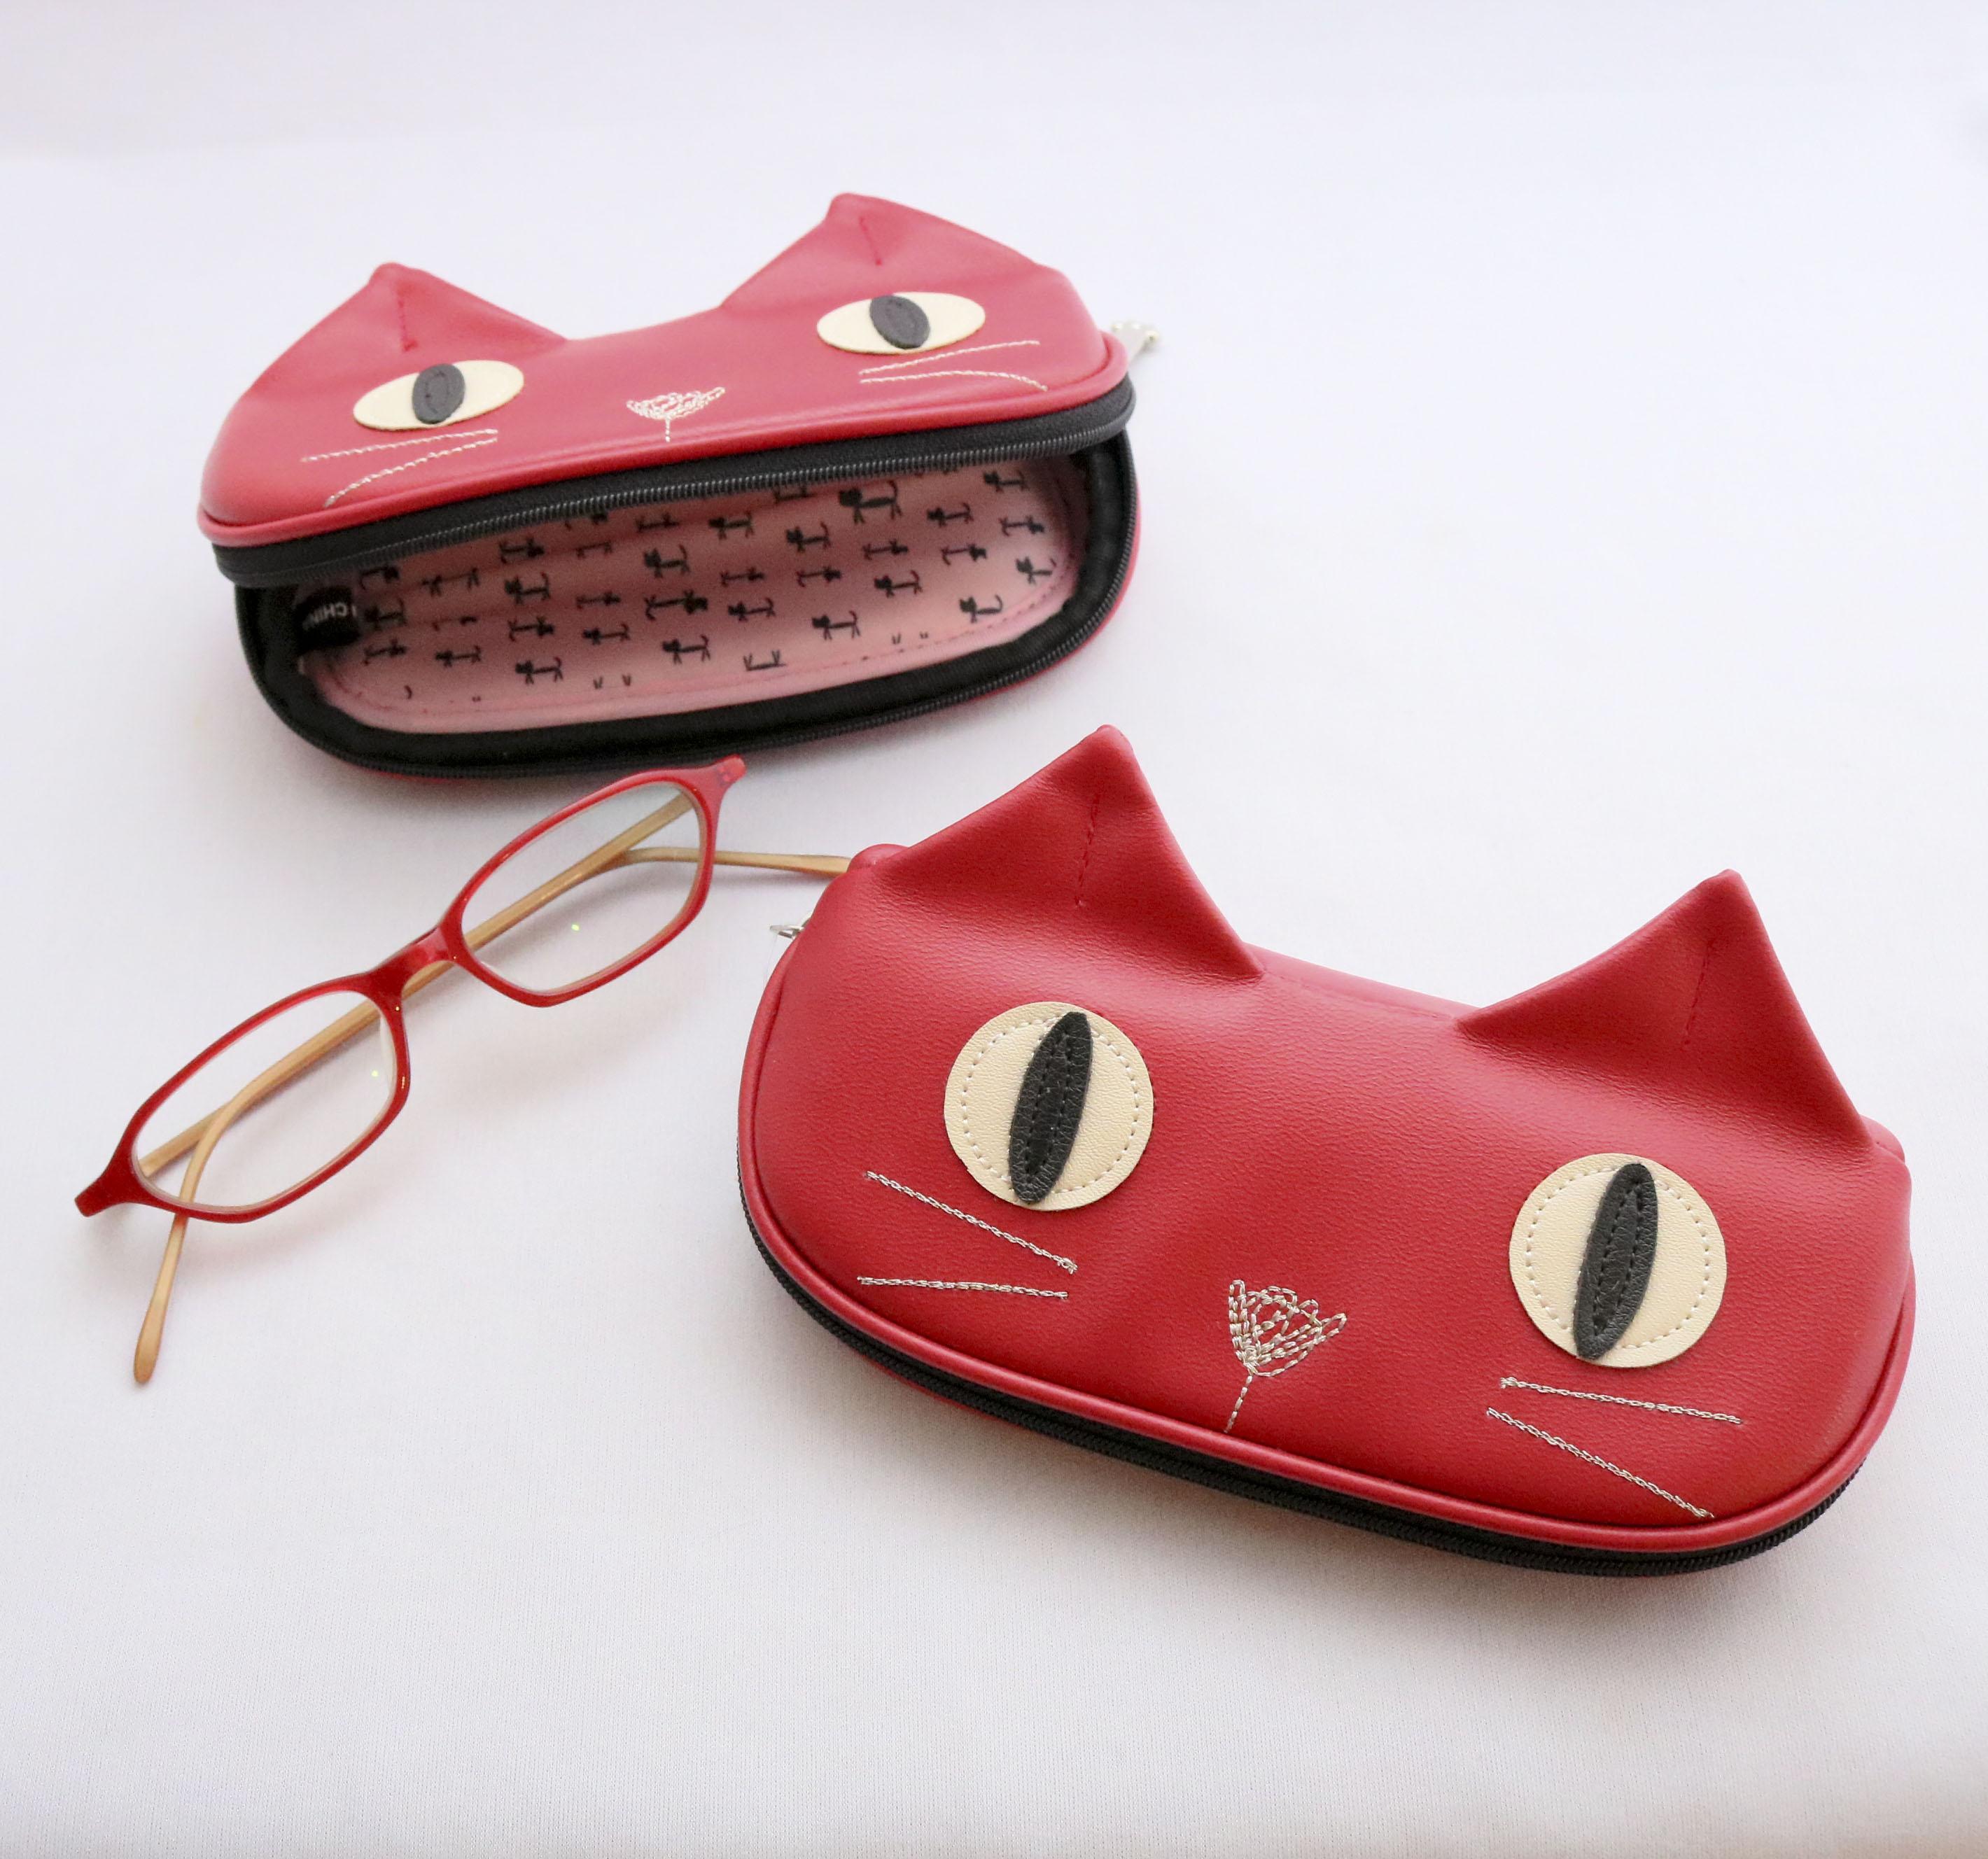 眼鏡ケース 猫雑貨 猫グッズ 秋田 かぎしっぽ メガネケース